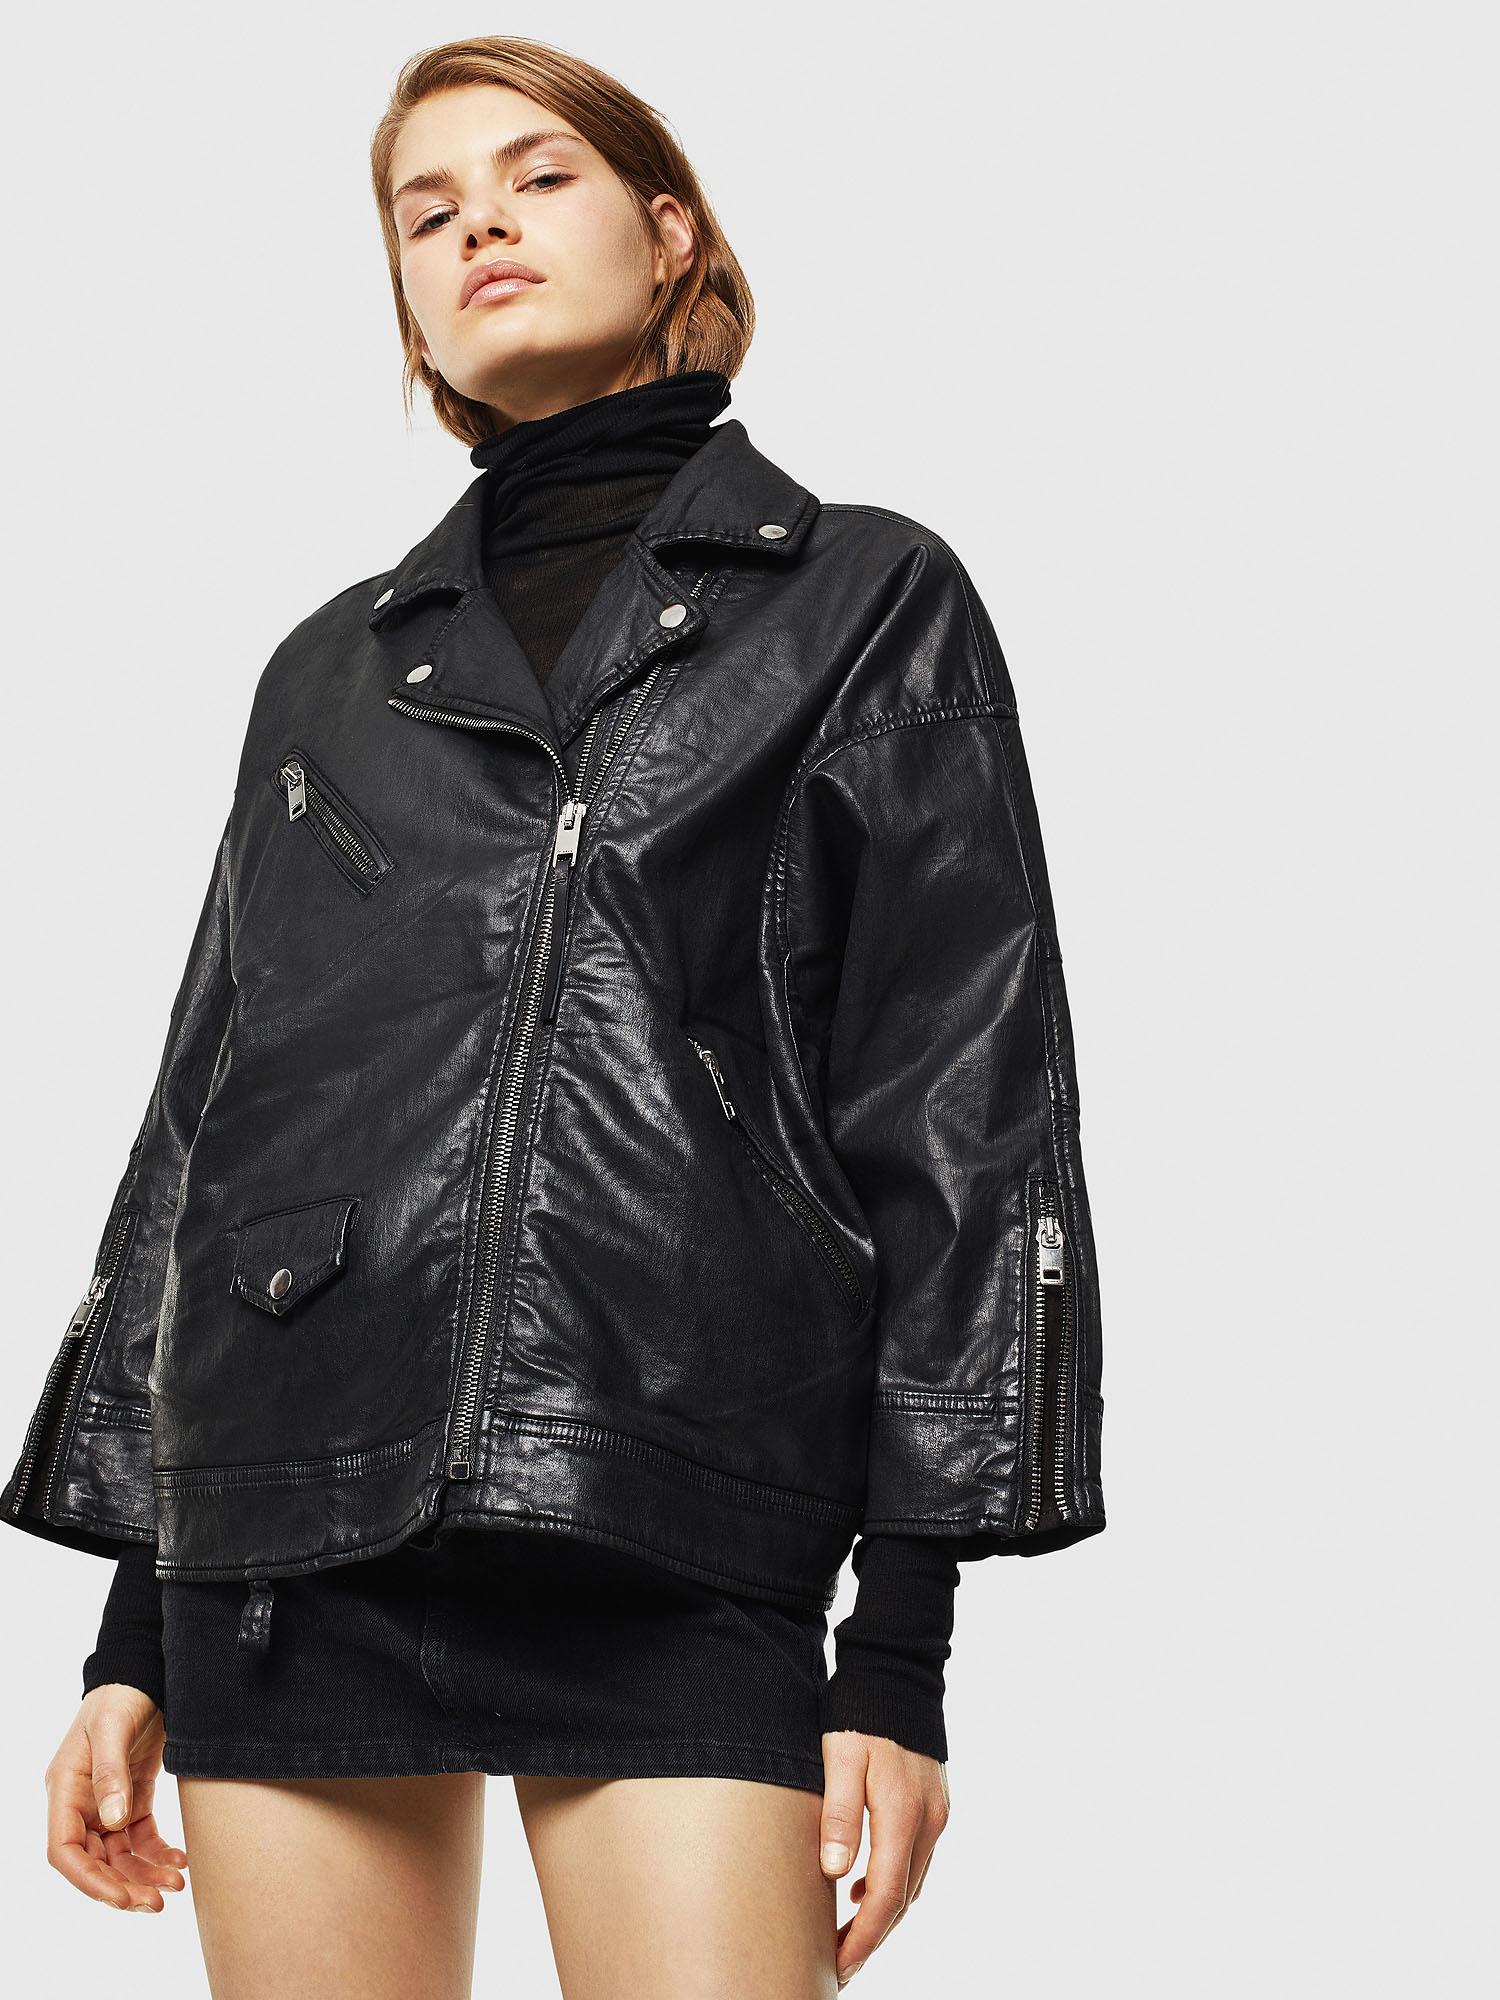 nuevas tendencias en moda para el 2019